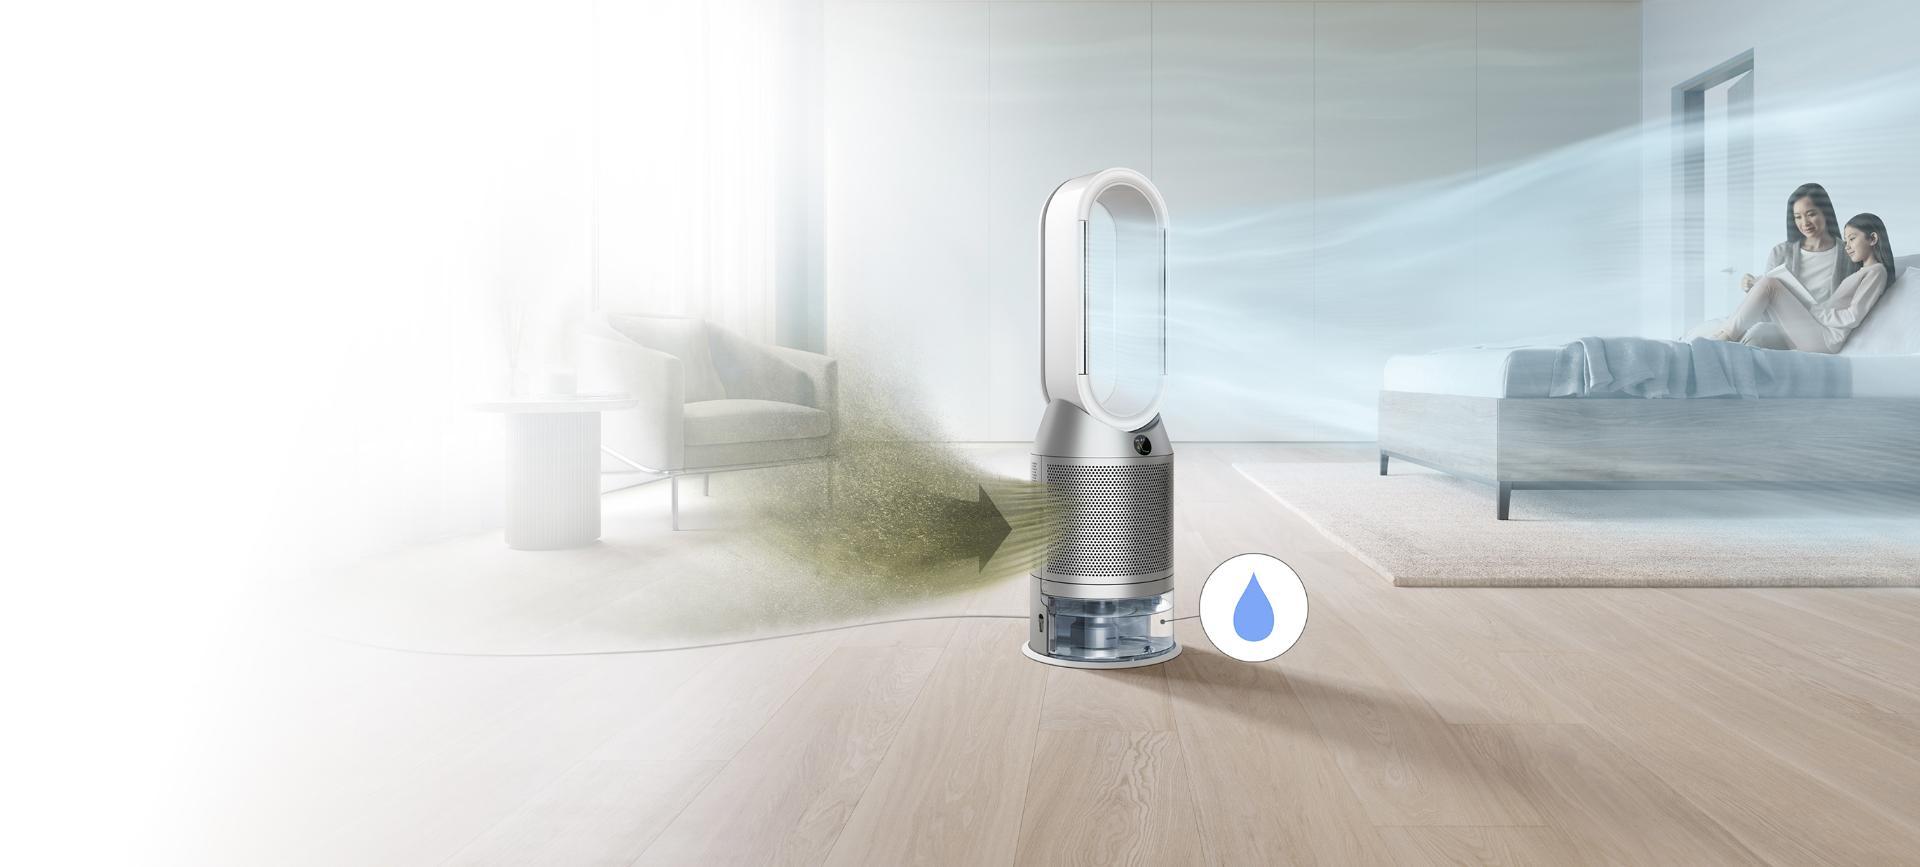 Oczyszczacz z funkcją nawilżania Dyson w pokoju, wychwytuje zanieczyszczenia i zapewnia cyrkulację oczyszczonego powietrza